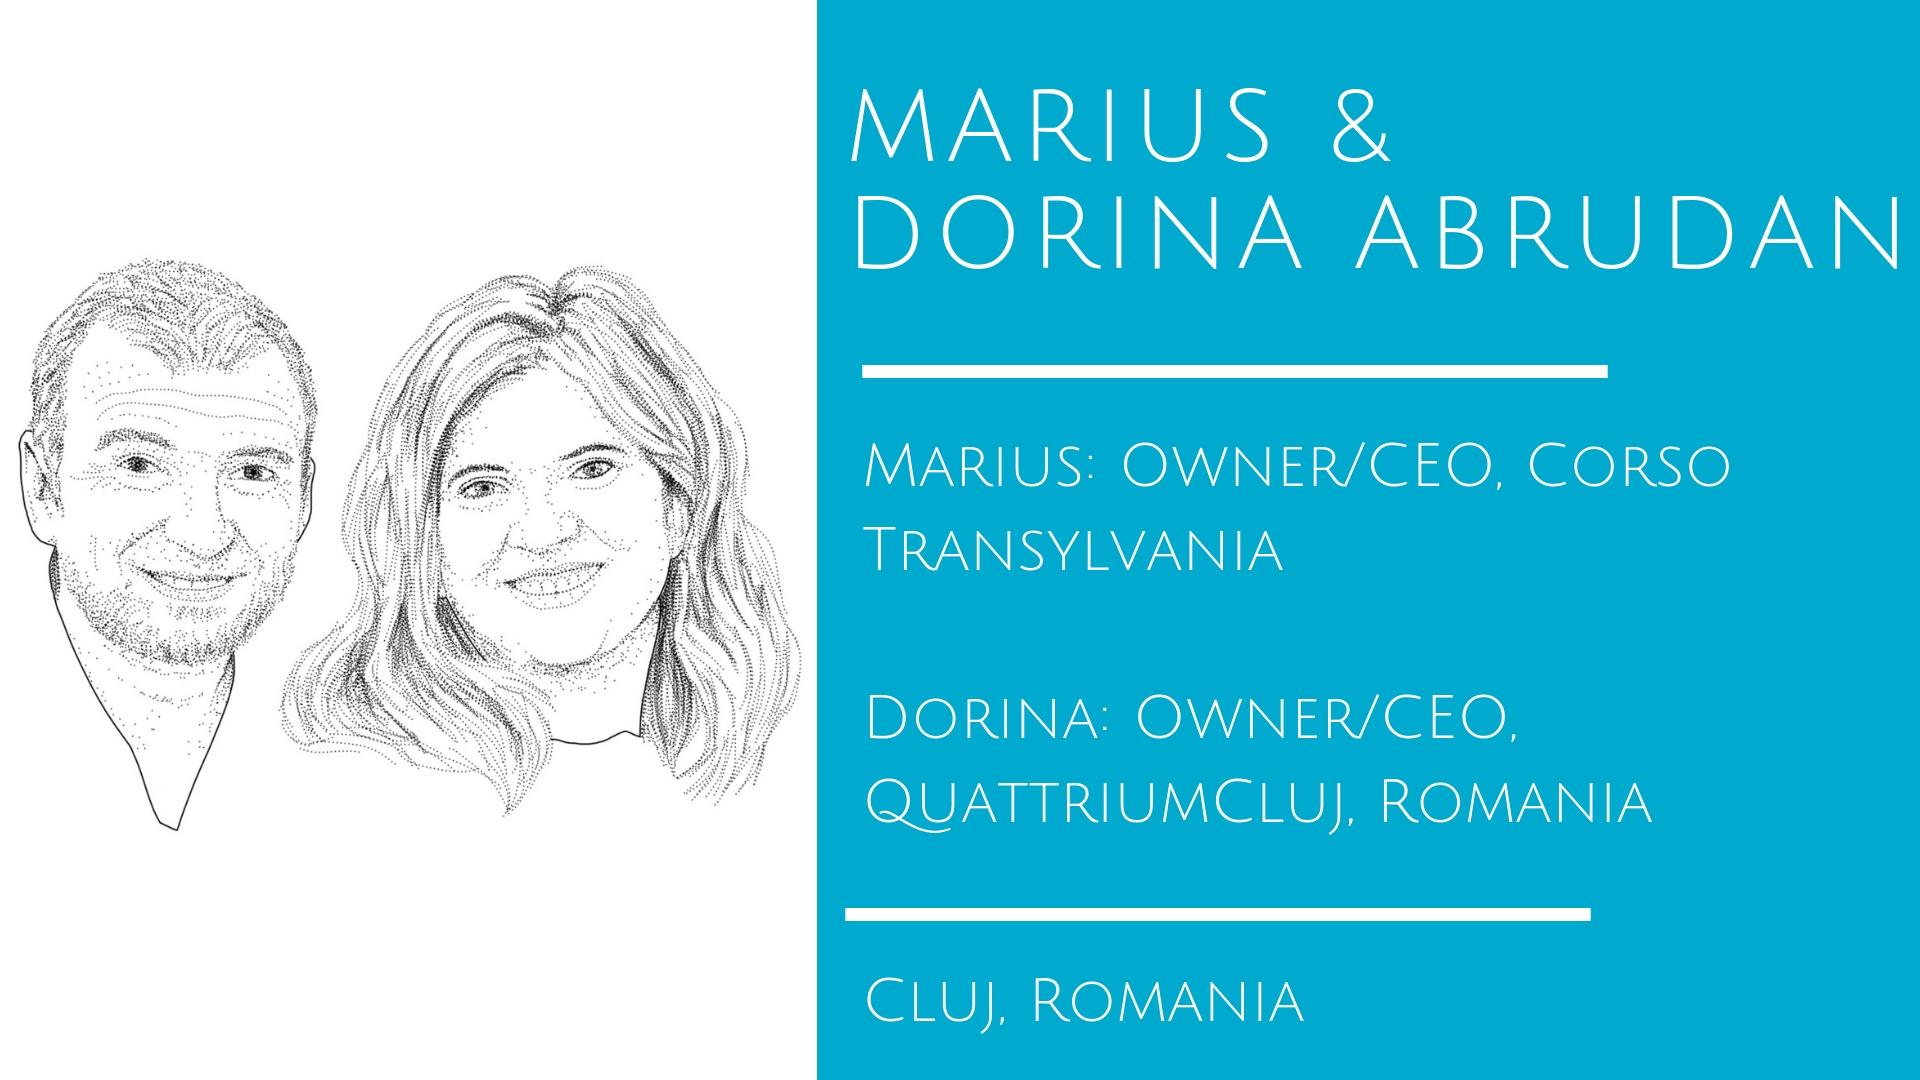 Marius & Dorina Abrudan 2.jpg